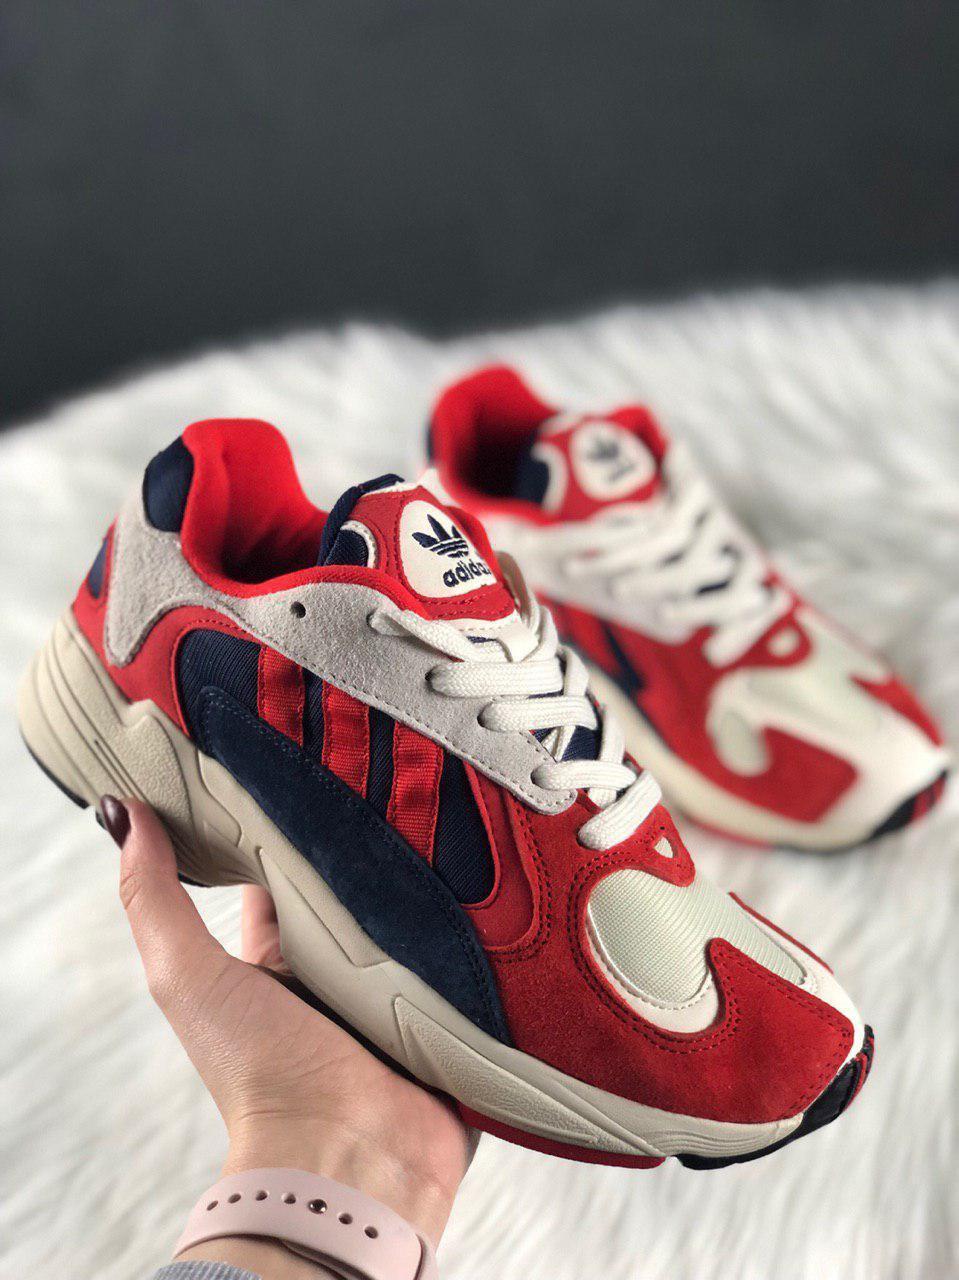 Женские кроссовки Adidas Yung 1 Red, Женские Адидас Янг 1 Красные